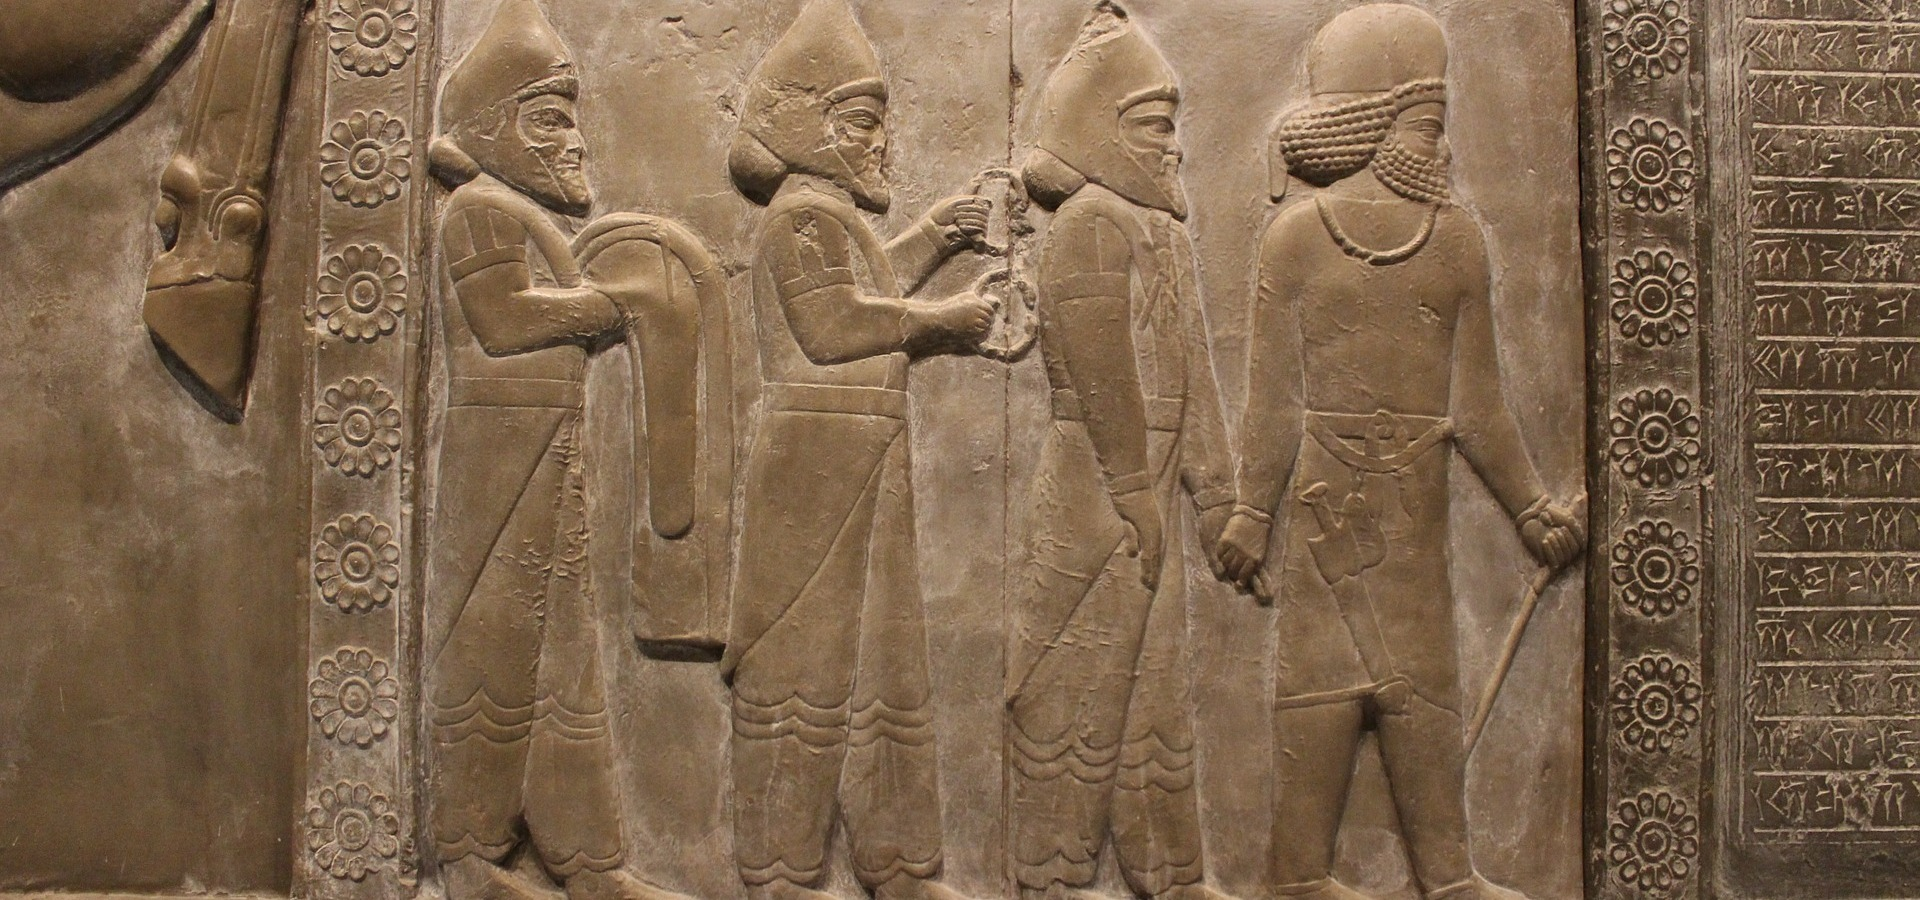 Mogę pochodzić z Mezopotamii? Sprawdź - to możliwe!